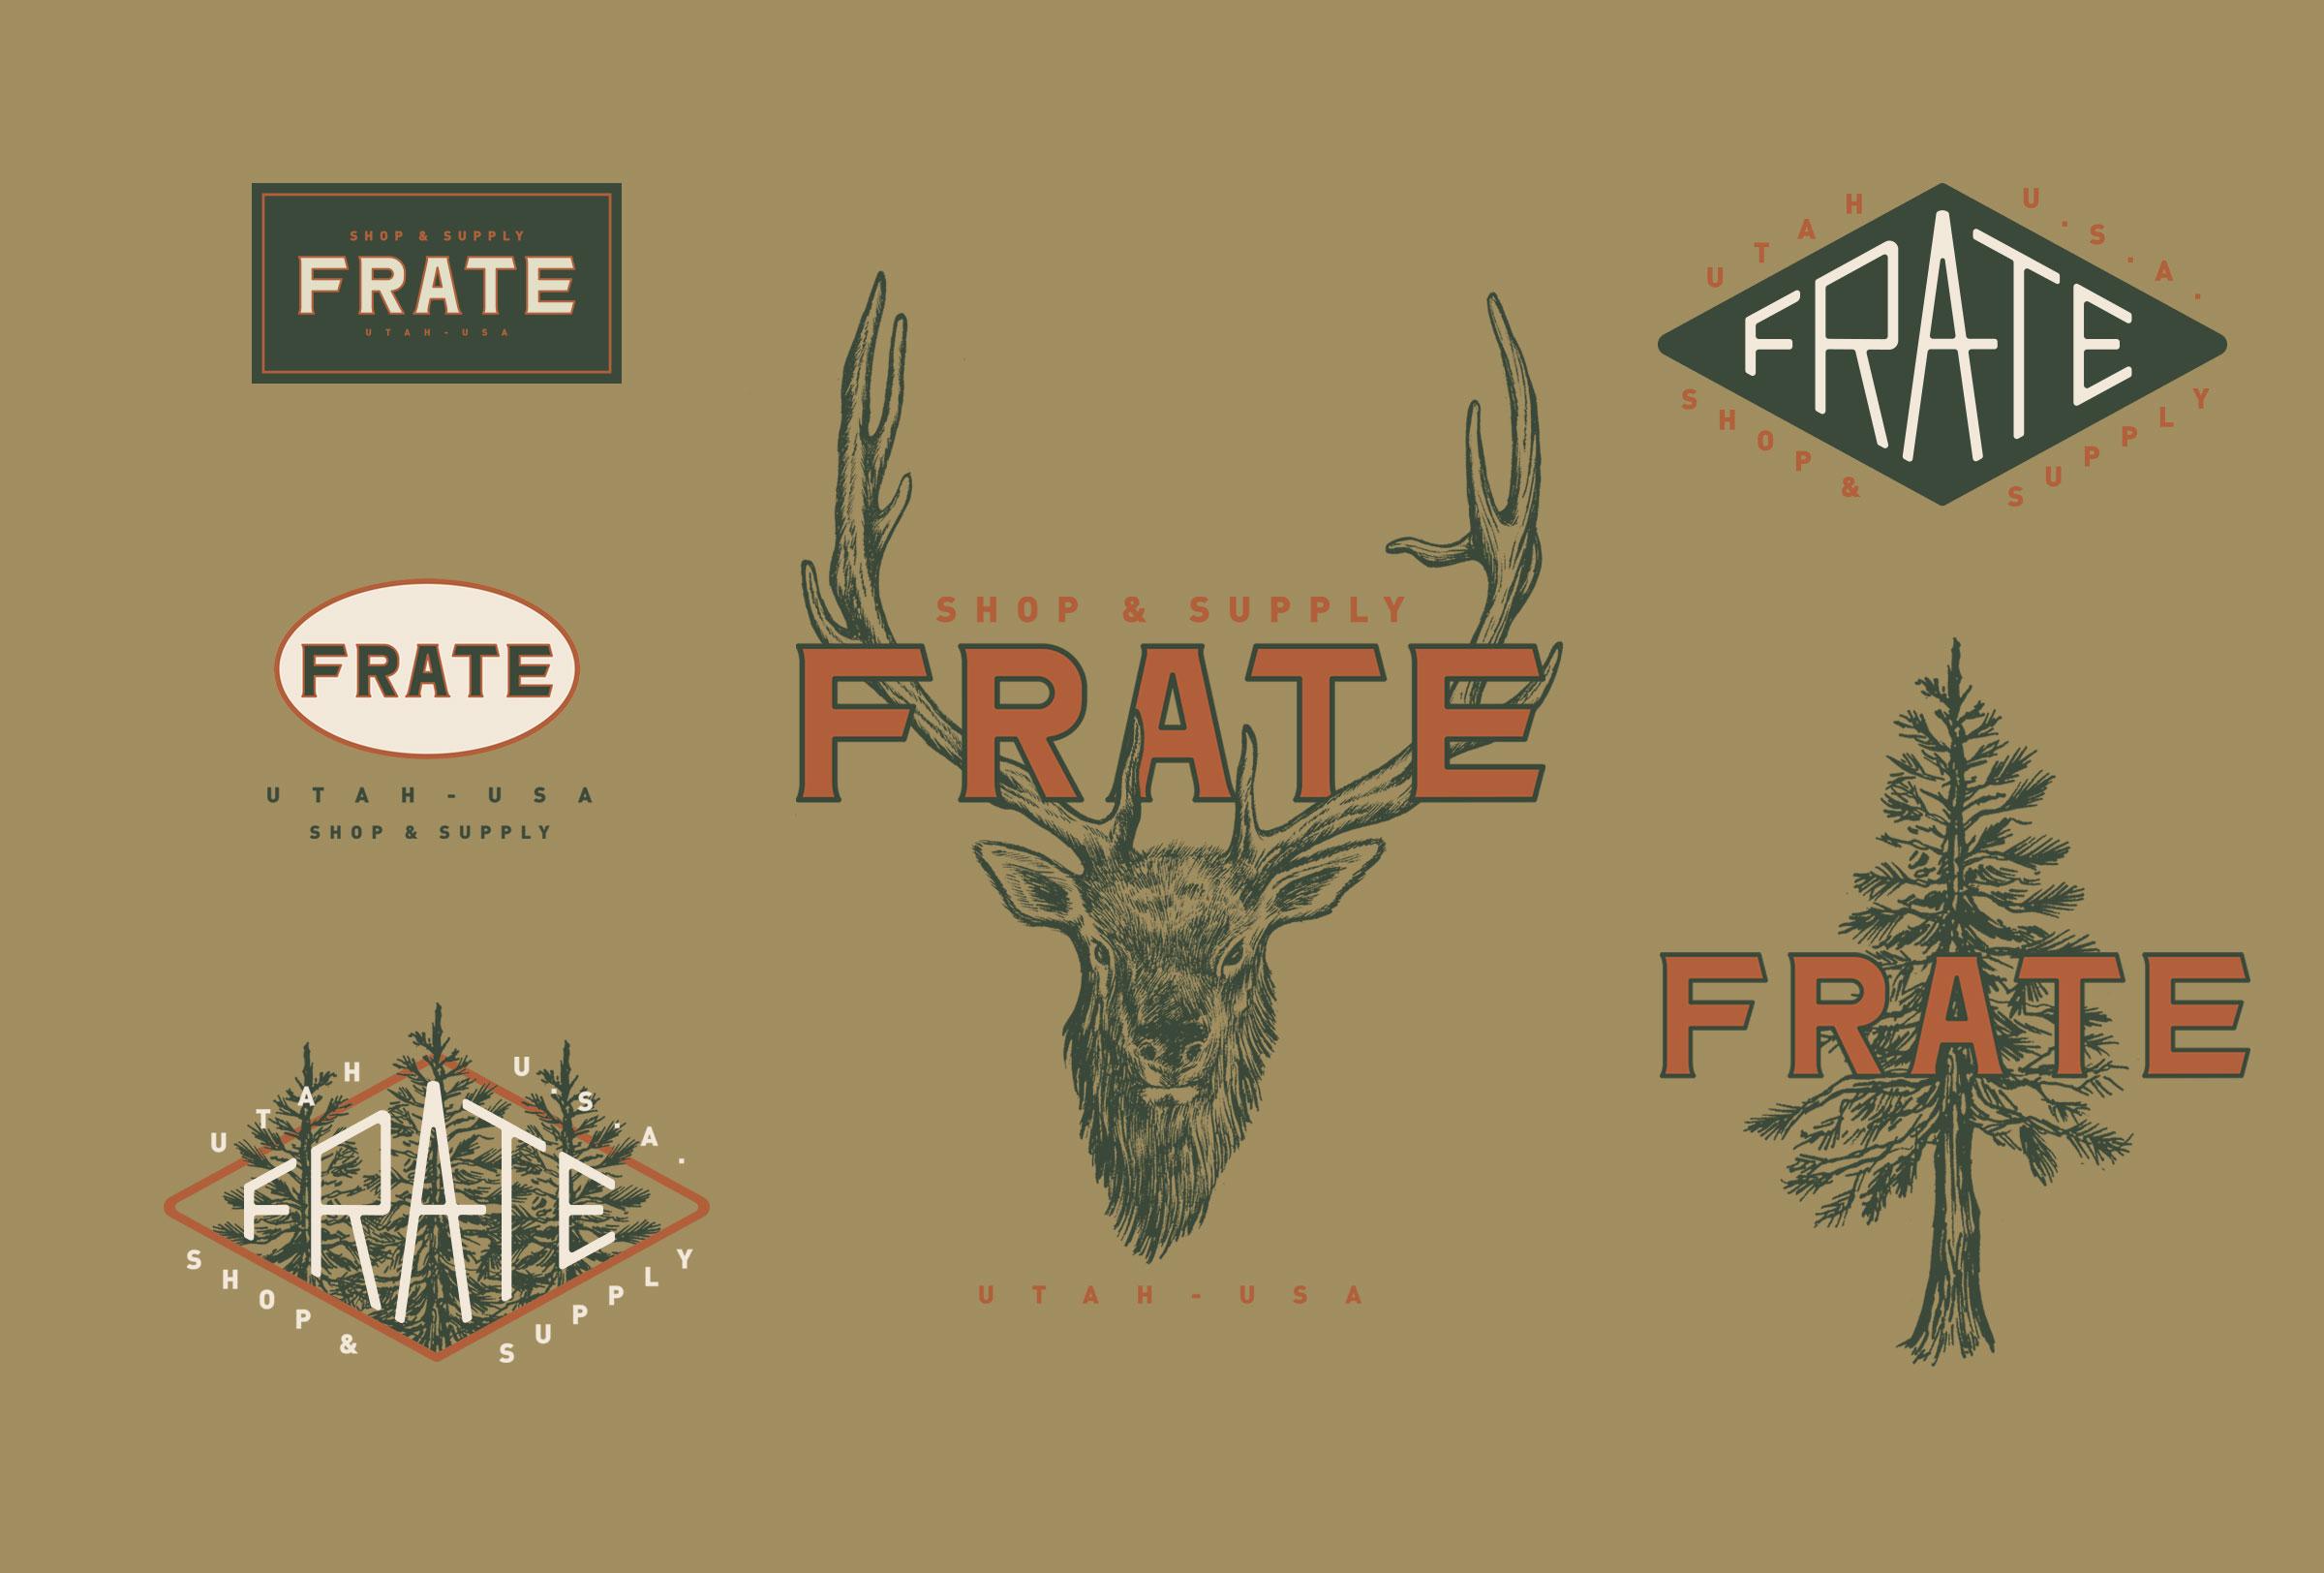 frate_update